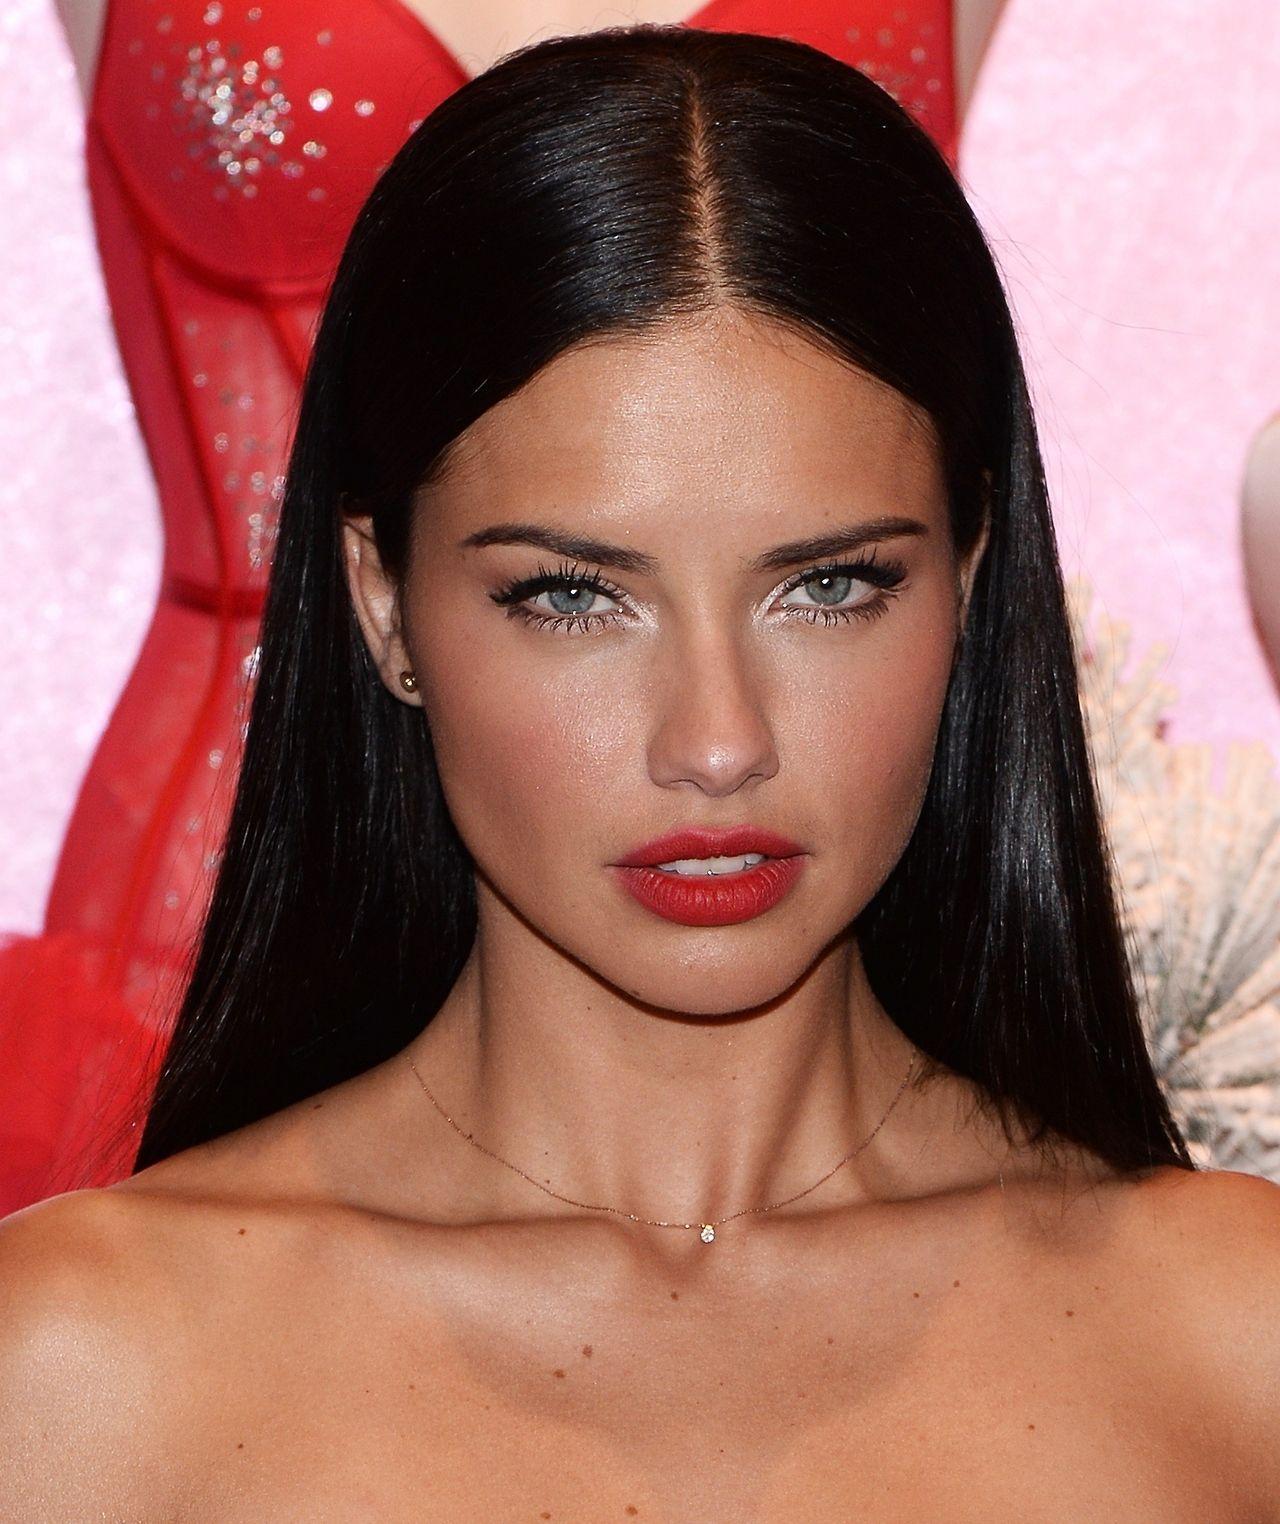 Diversión y halagos peinados lisos Imagen de cortes de pelo estilo - La decoración que viene   Peinados lisos, Belleza del ...